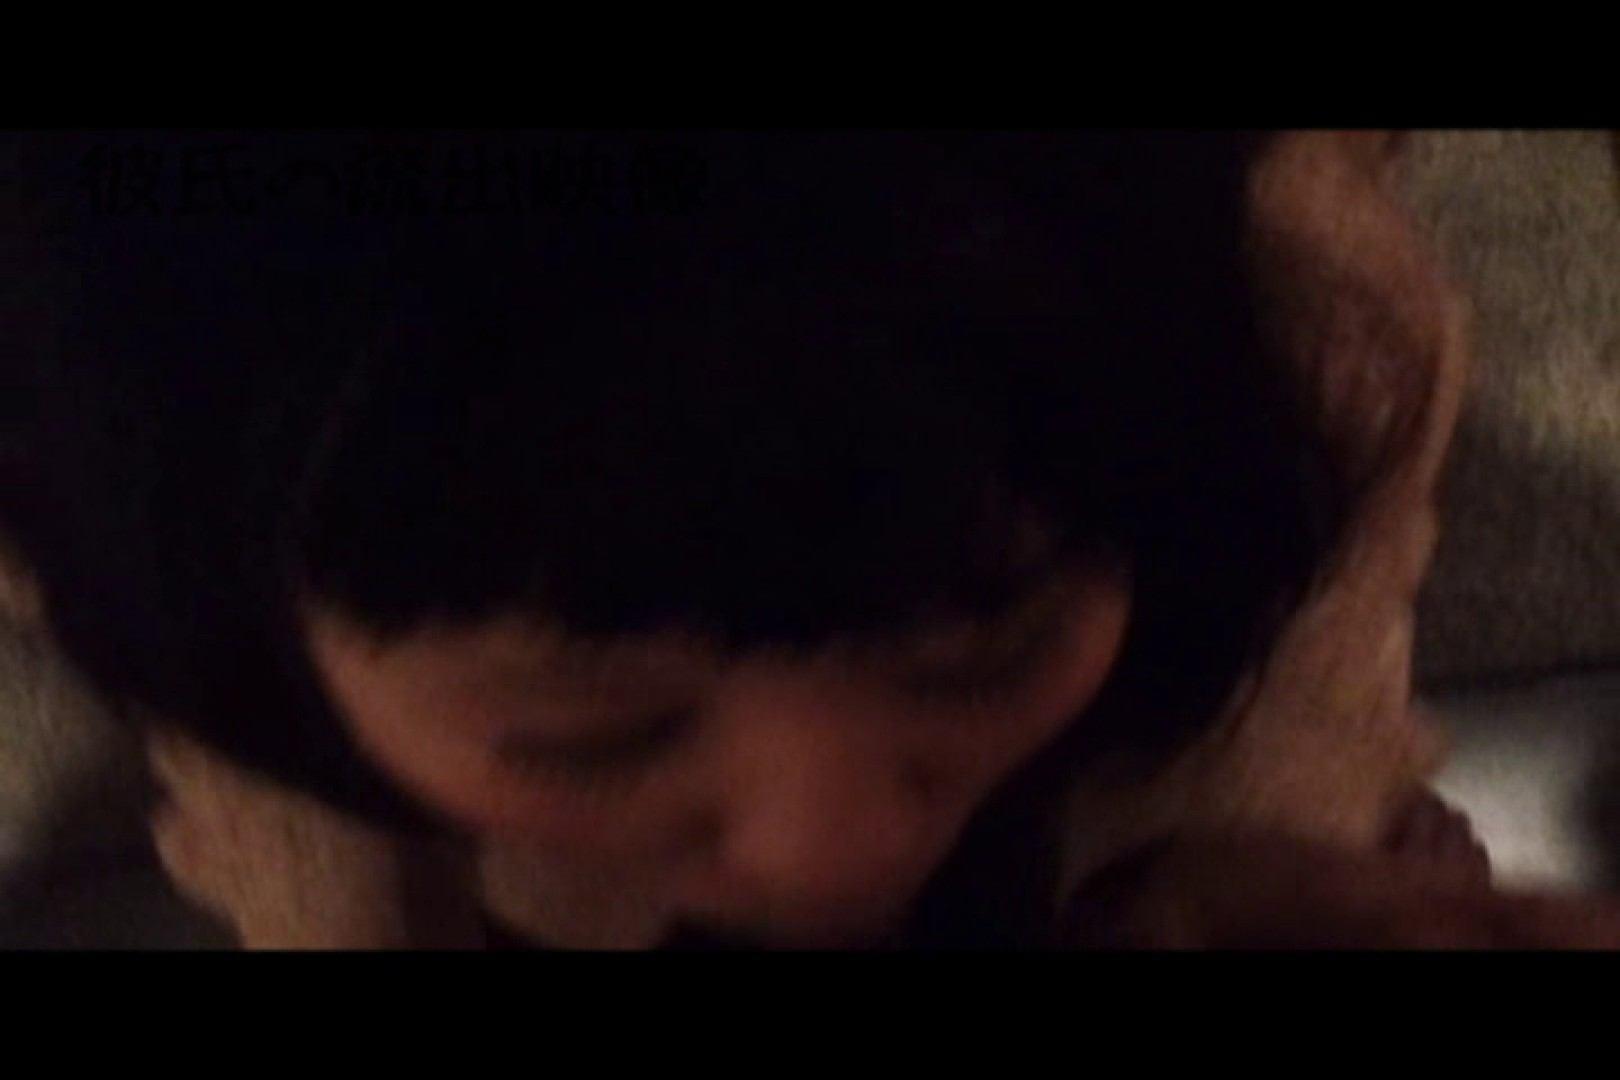 彼氏が流出 パイパン素人嬢のハメ撮り映像03 カップル | 可愛いパイパン  92pic 32